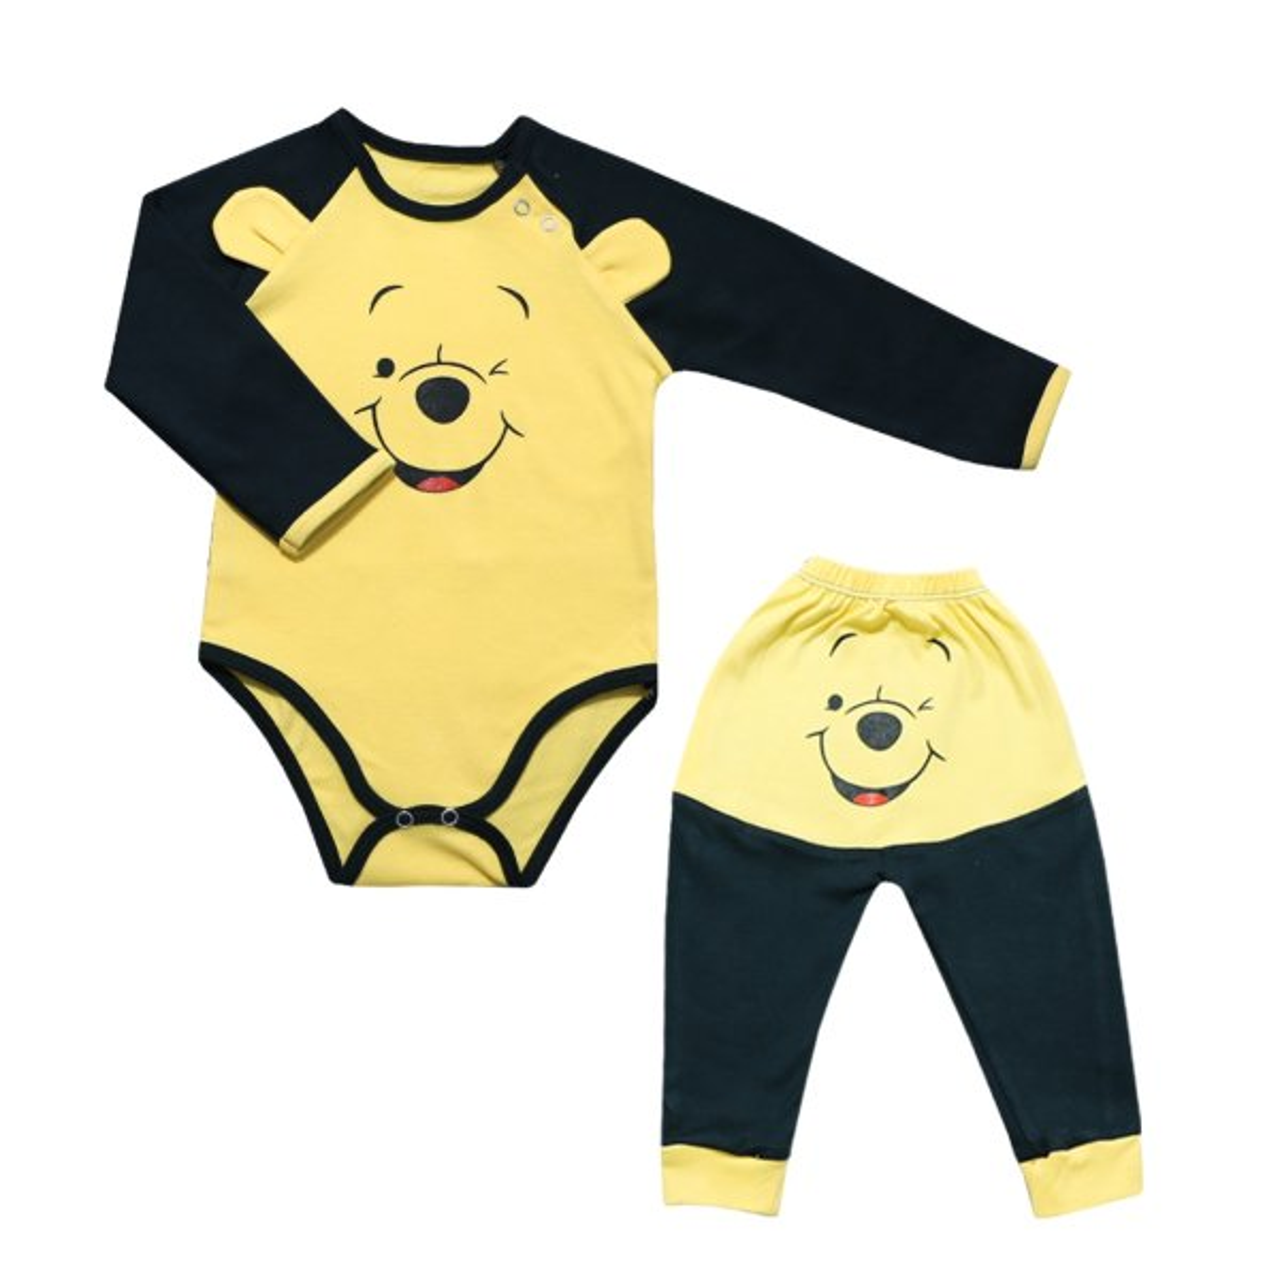 ست بادی آستین بلند و شلوار نوزادی طرح خرس بازیگوش کد SP-N01-01